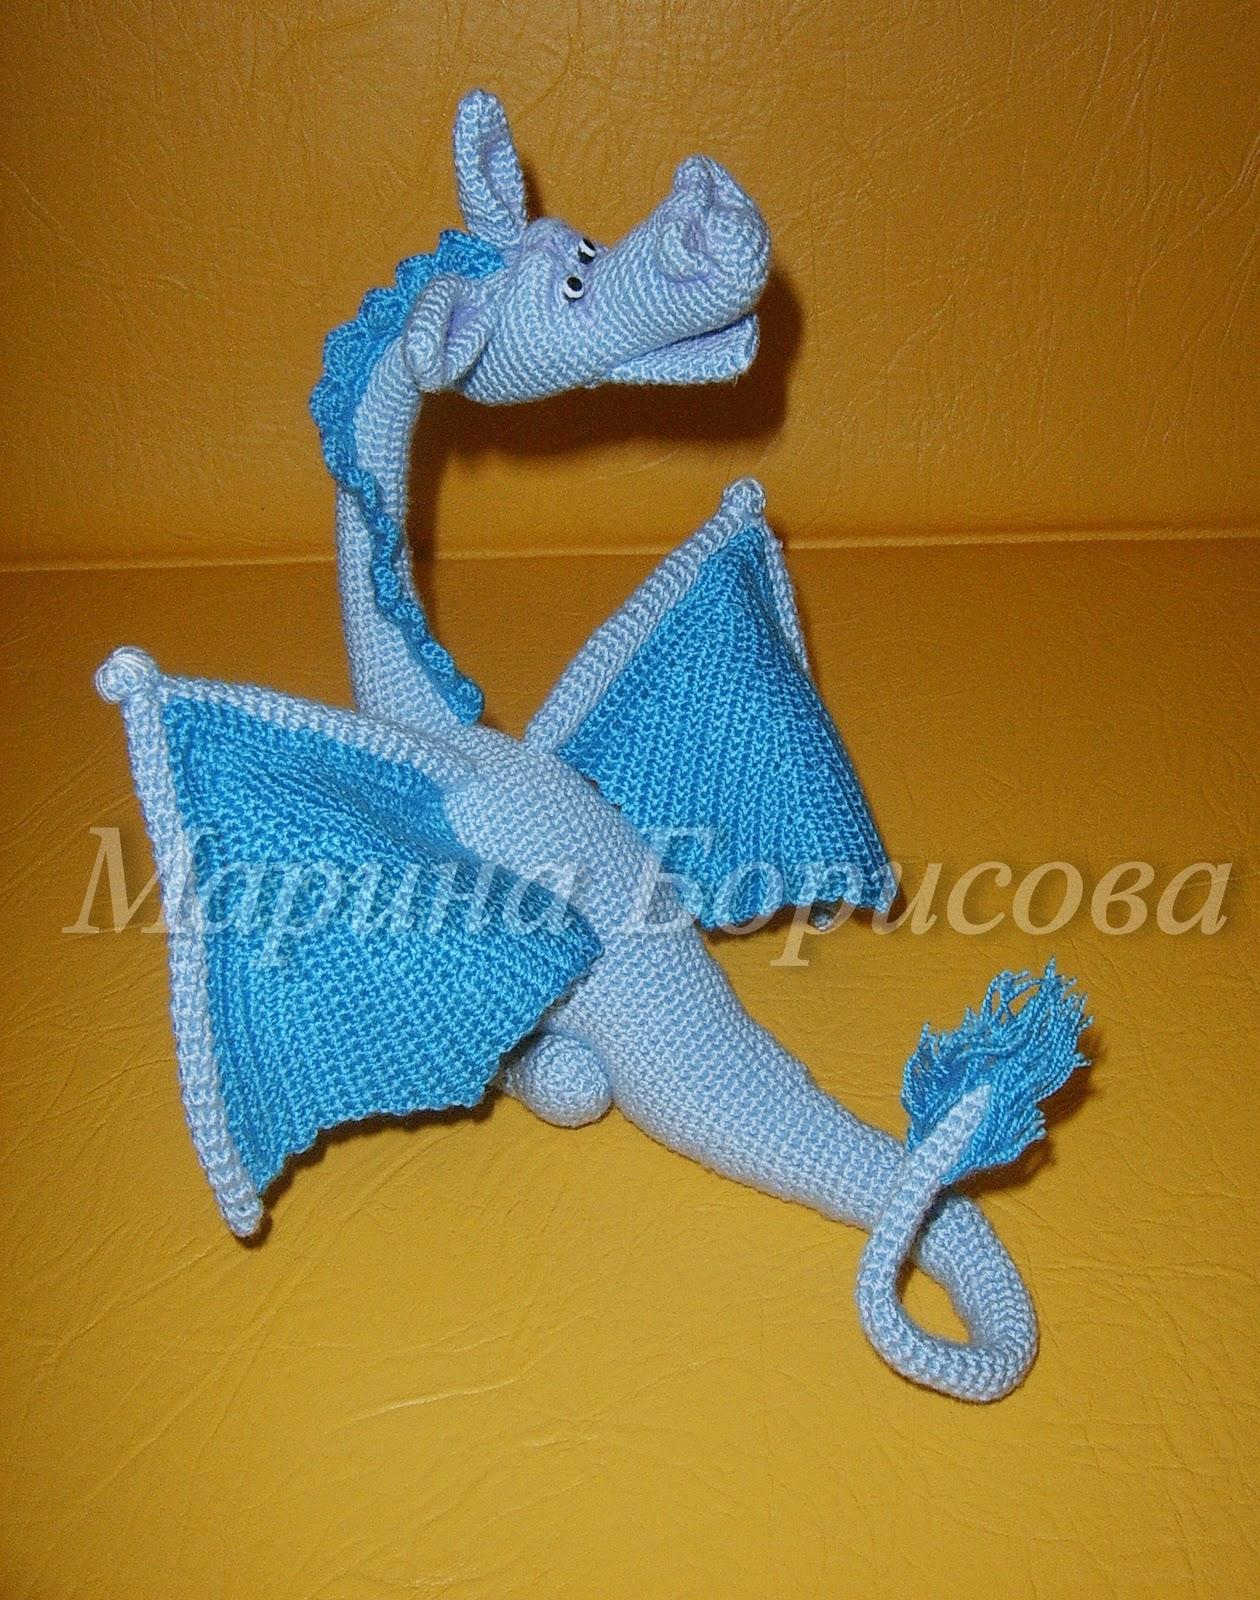 Вязание крючком от марины борисовой